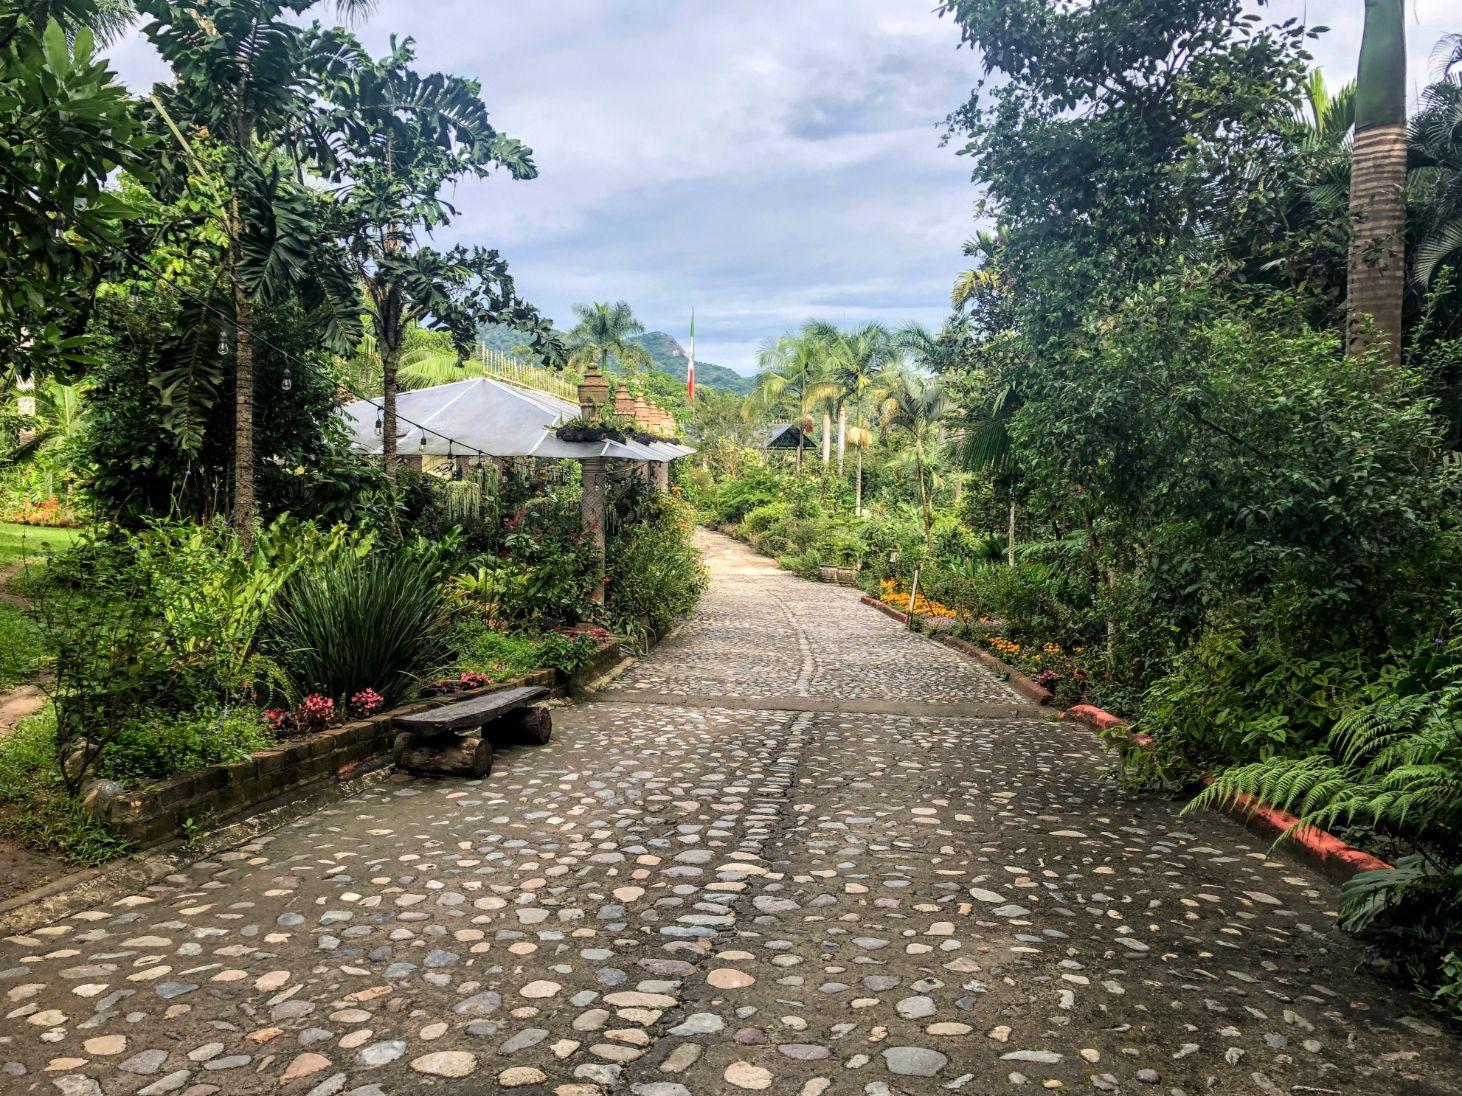 entrance into the Puerto Vallarta Botanical Garden